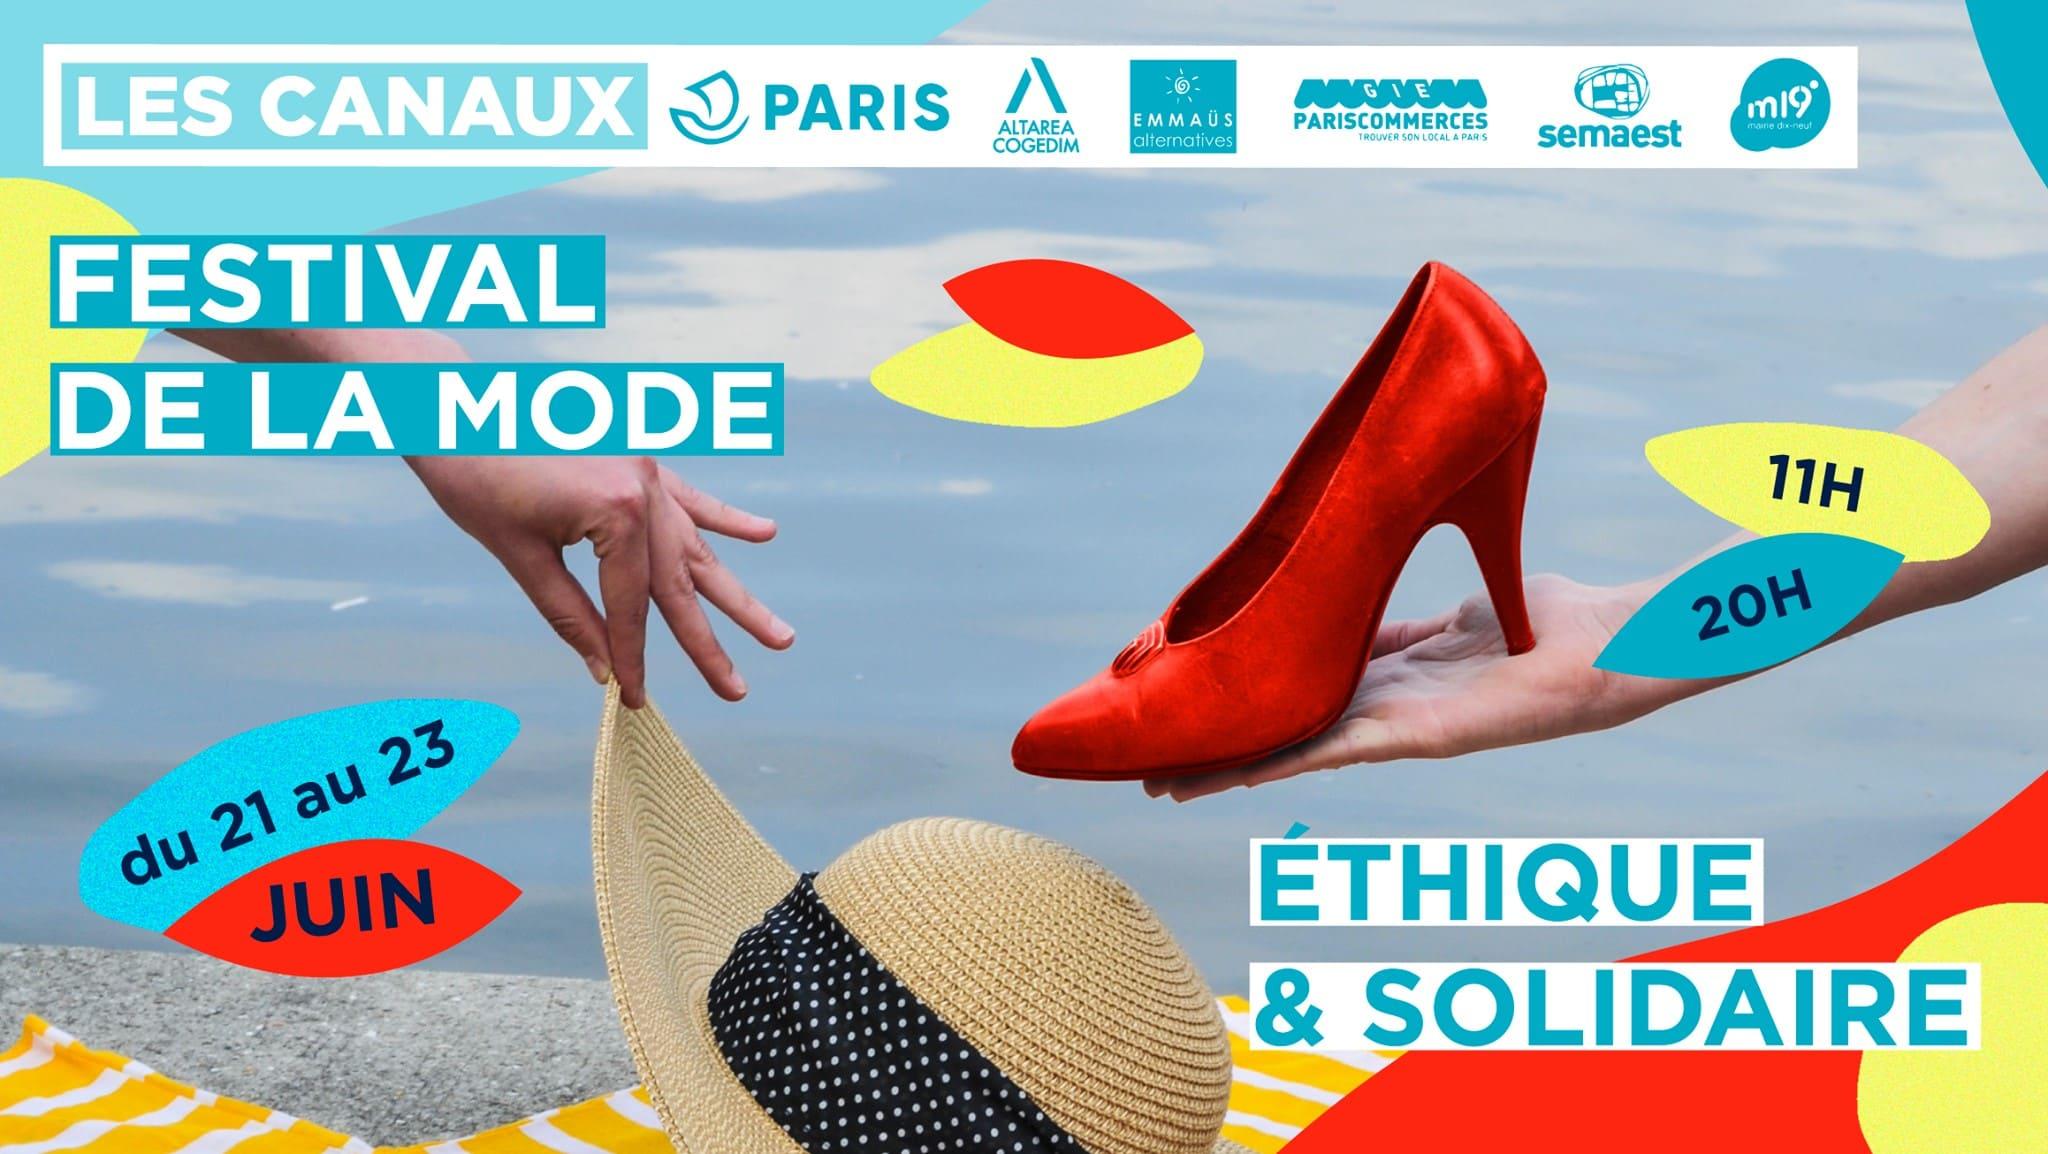 festival mode ethique